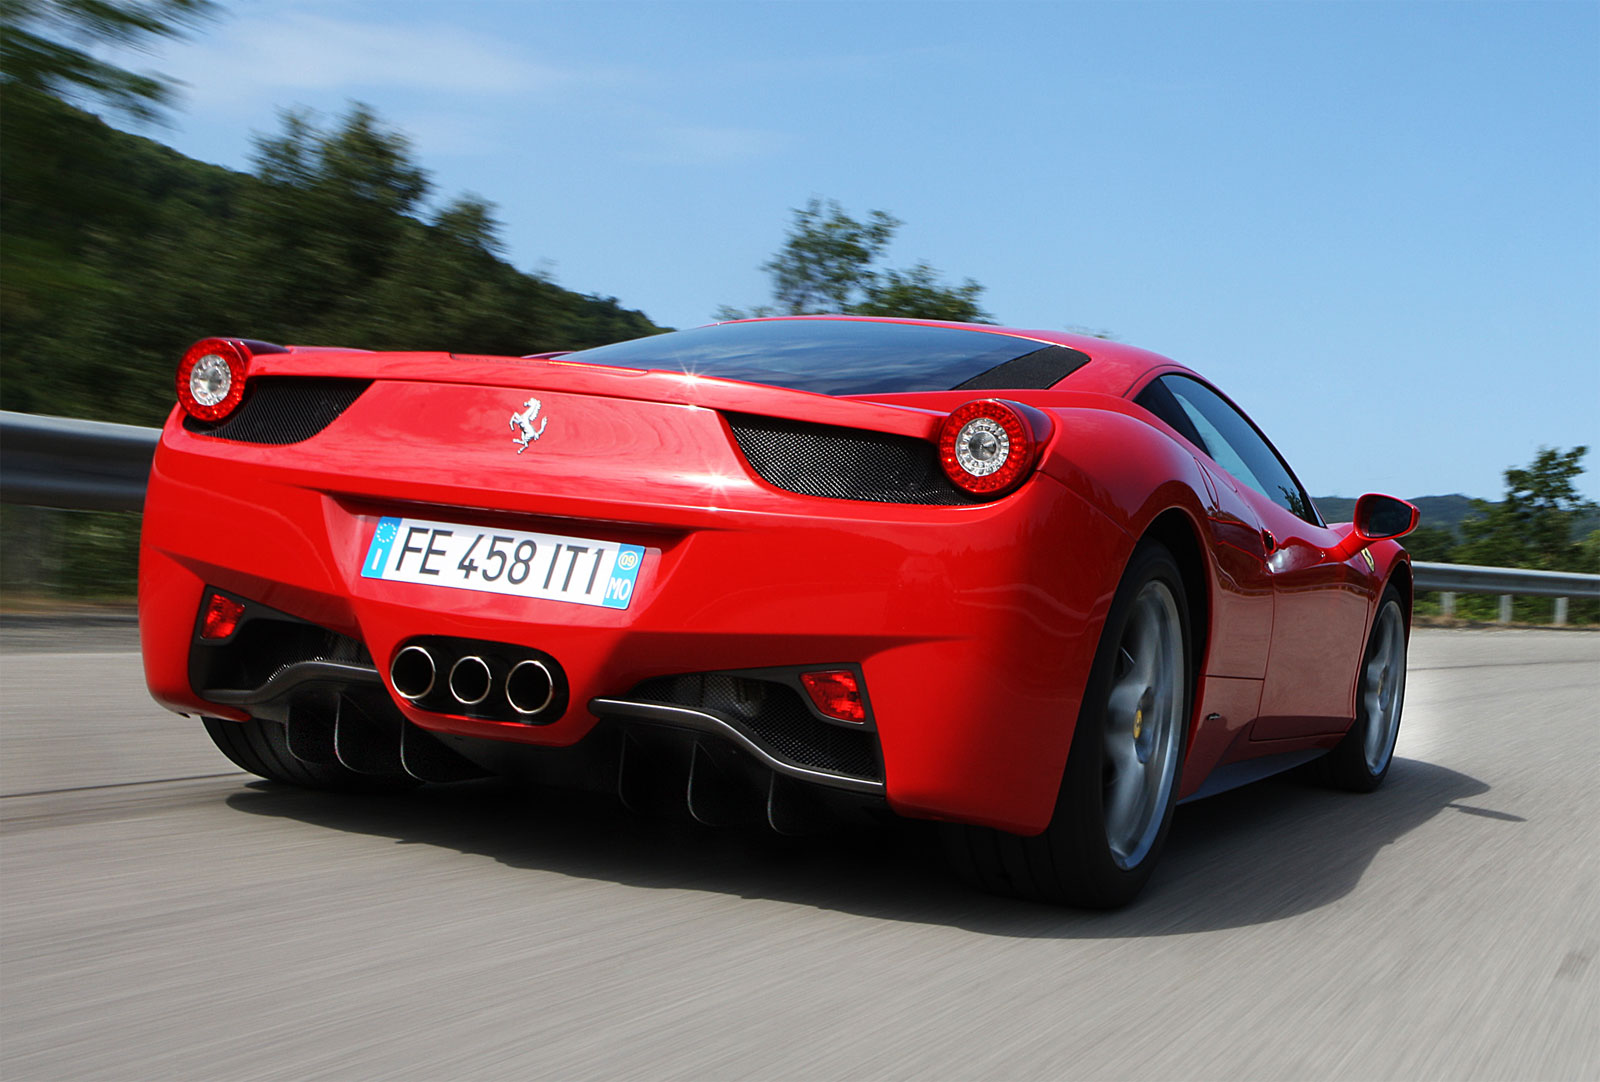 http://4.bp.blogspot.com/-t2l3AqkD4Dg/T-CKlgaz_2I/AAAAAAAADfk/ROx7SmvKeN8/s1600/Ferrari+458+Italia+hd+Wallpapers+2011_6.jpg